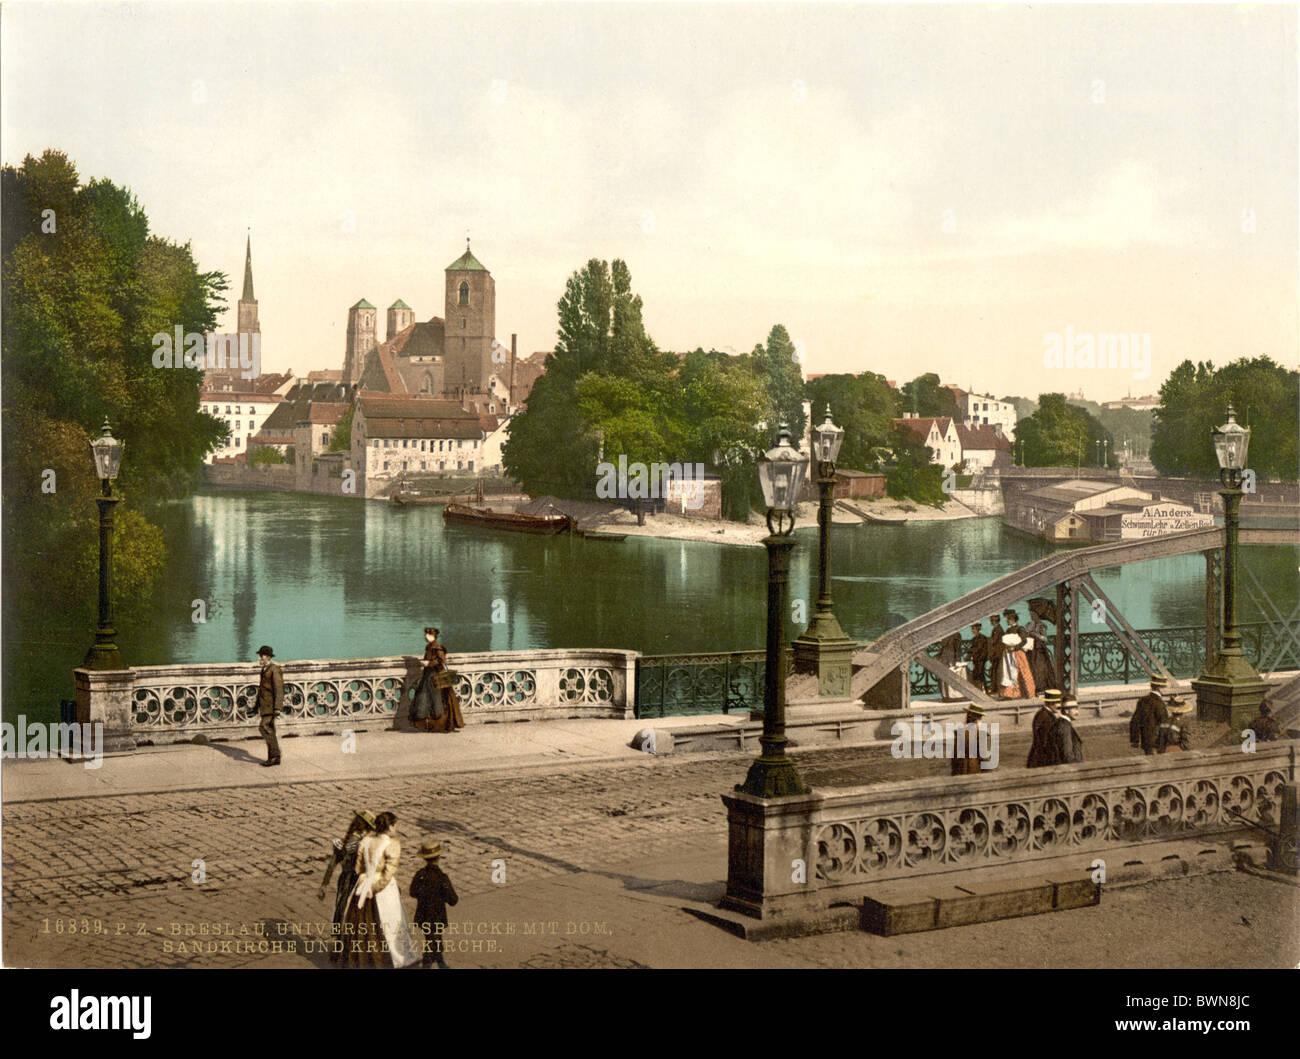 https://c8.alamy.com/comp/BWN8JC/breslau-silesia-formerly-germany-europe-german-empire-poland-photochrom-BWN8JC.jpg